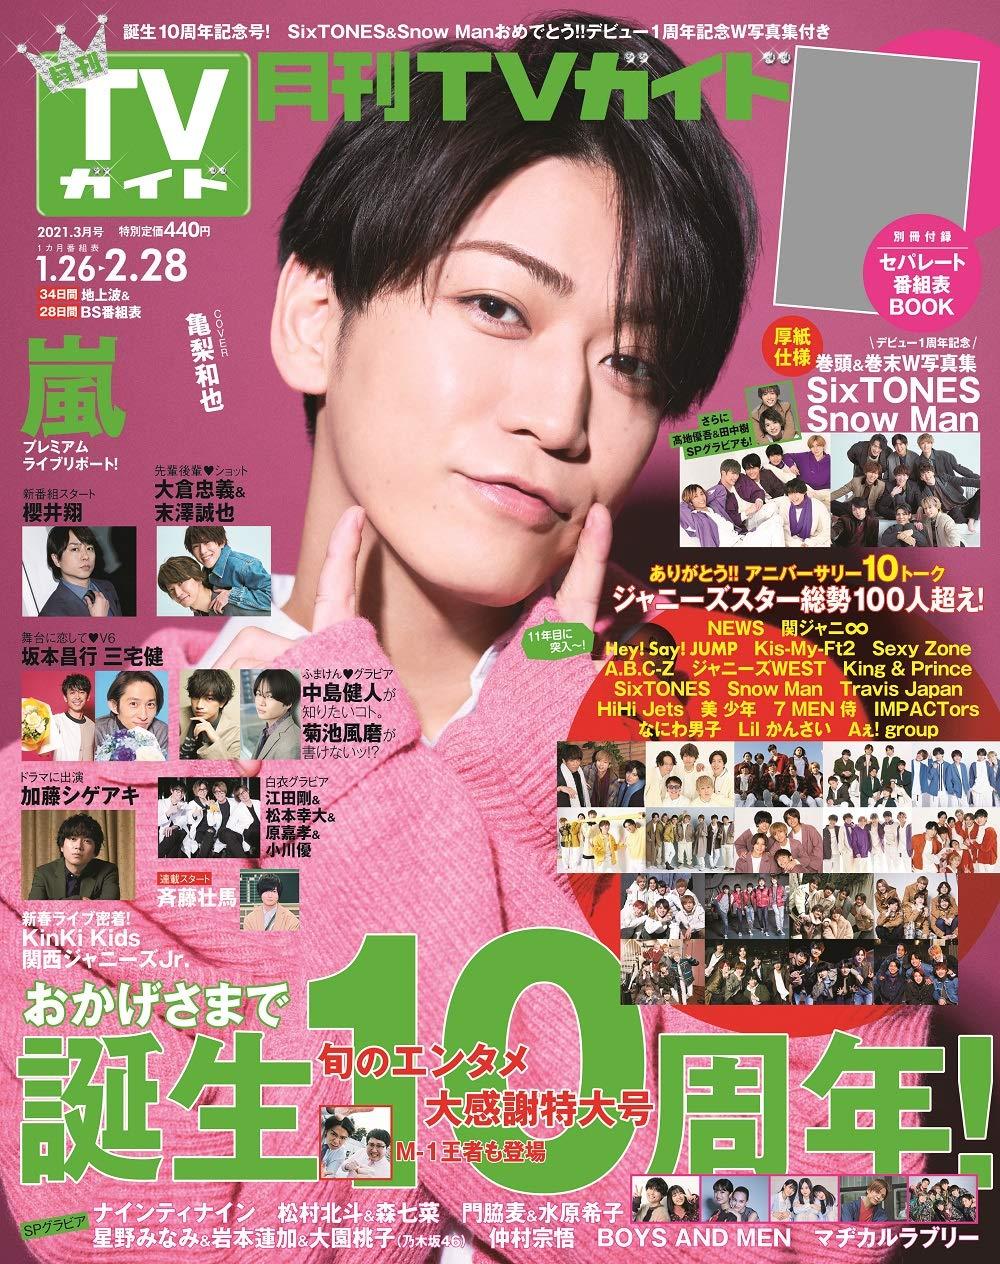 & テレビ 出演 月 8 king prince